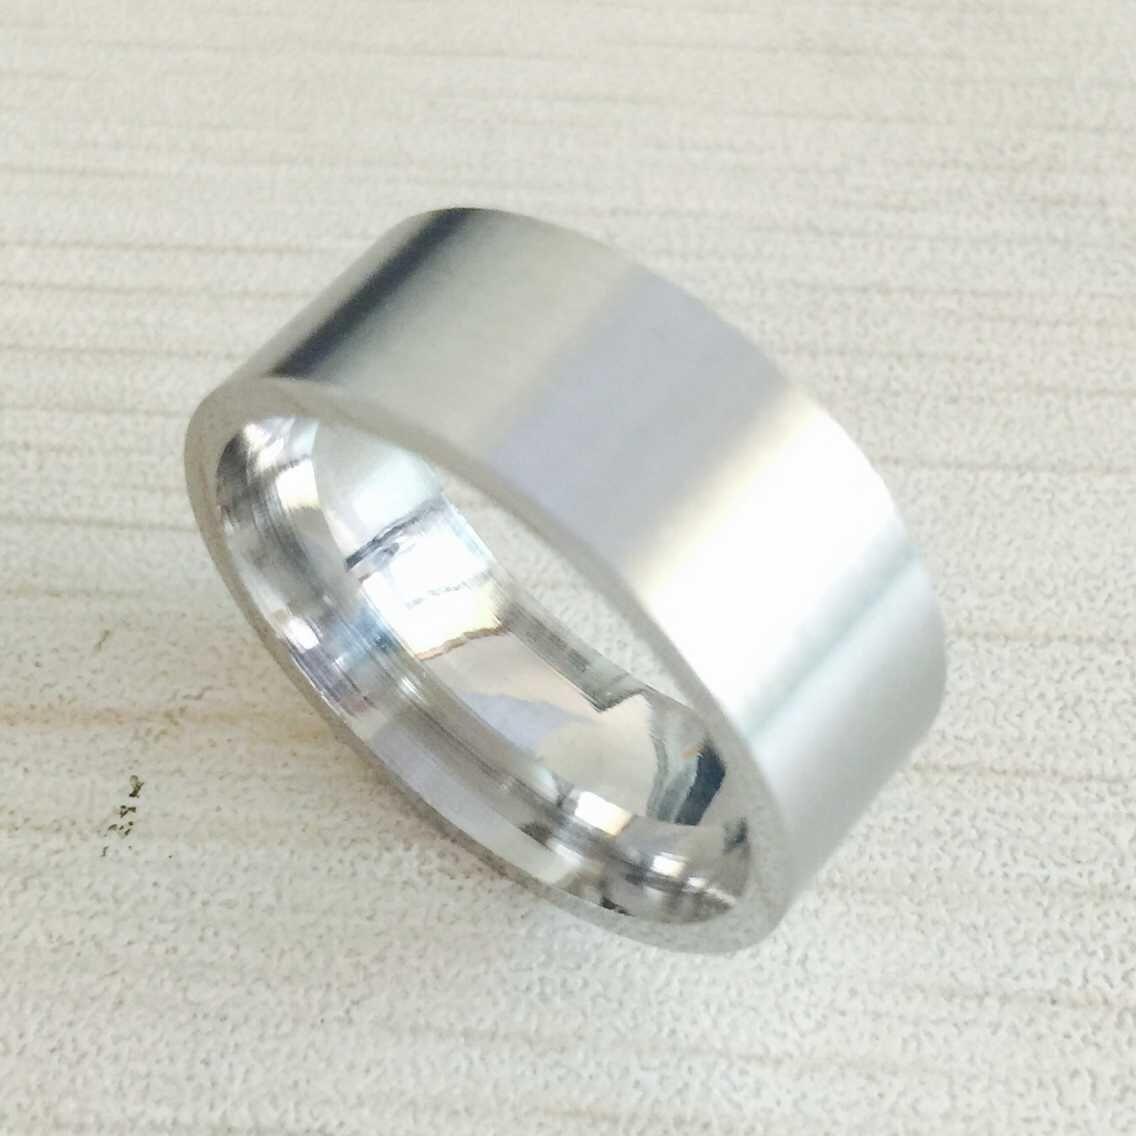 Kühle einfache Männer 8mm starke 316L Edelstahl Hochzeit Engagement Silber Metall Ringe für Männer Frauen hohe Qualität USA Größe 6-14